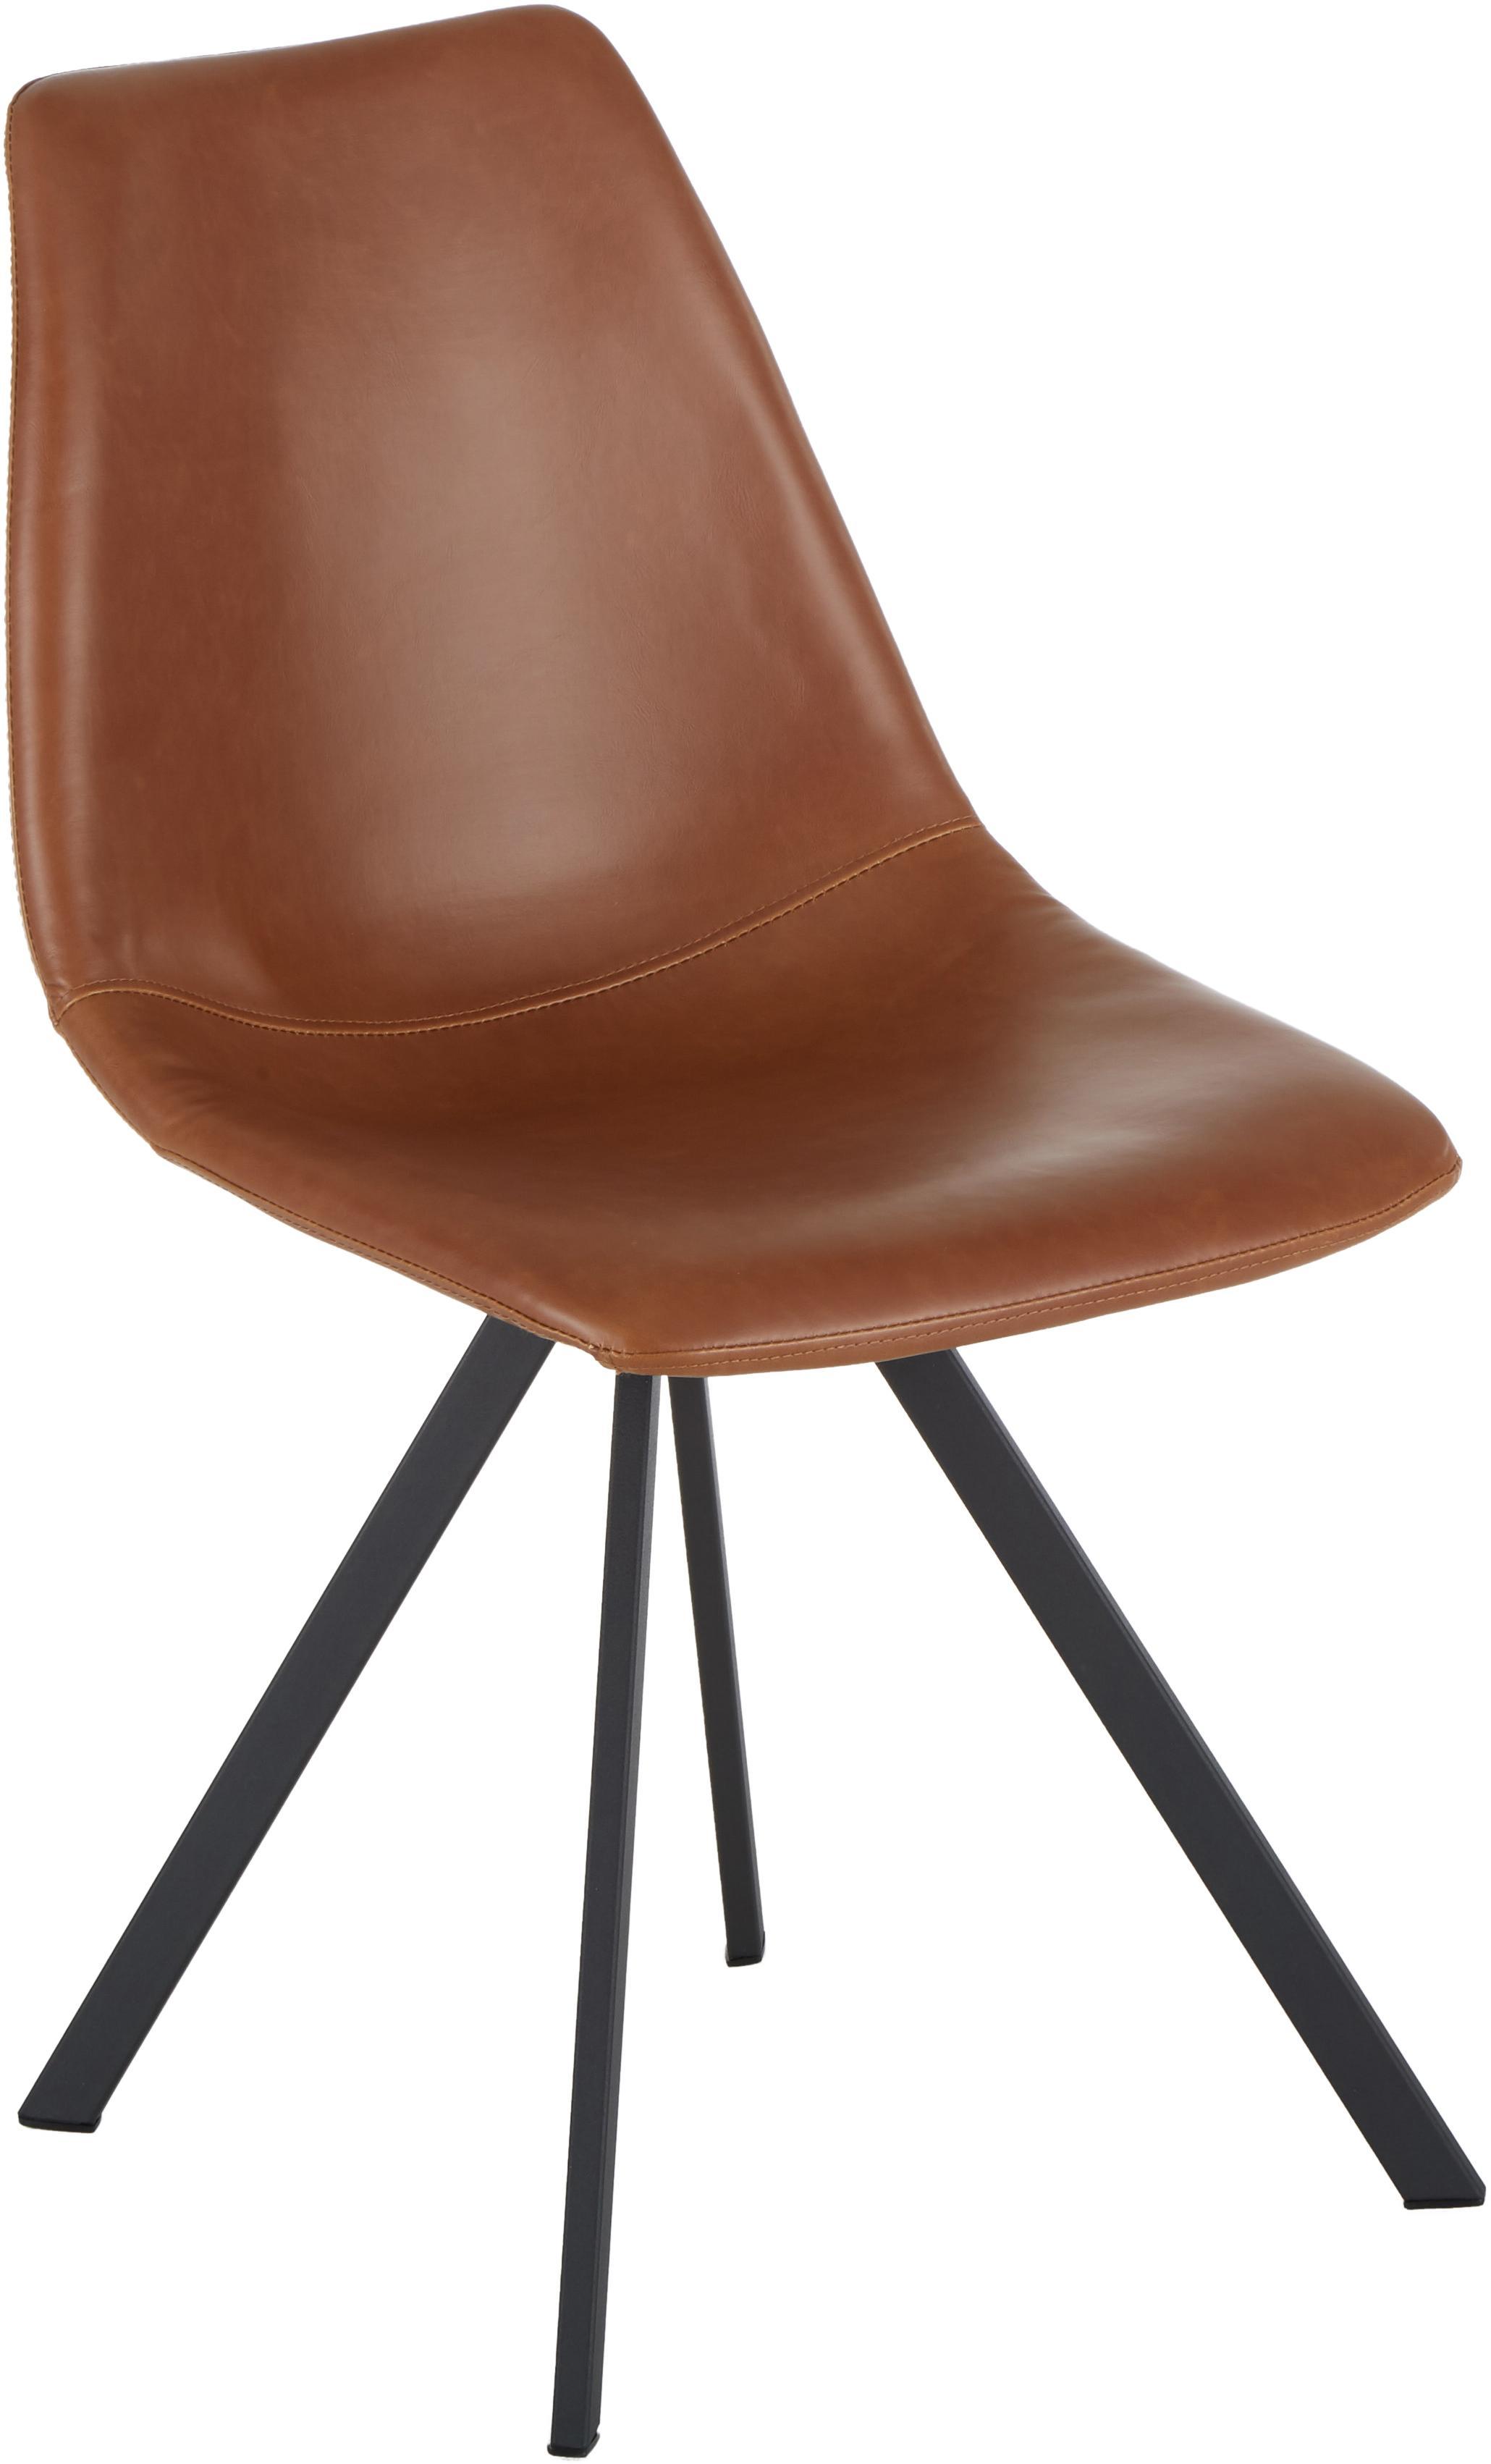 Kunstleren stoelen Billy, 2 stuks, Bekleding: kunstleer (polyurethaan), Poten: gepoedercoat metaal, Cognackleurig, B 46 x D 58 cm